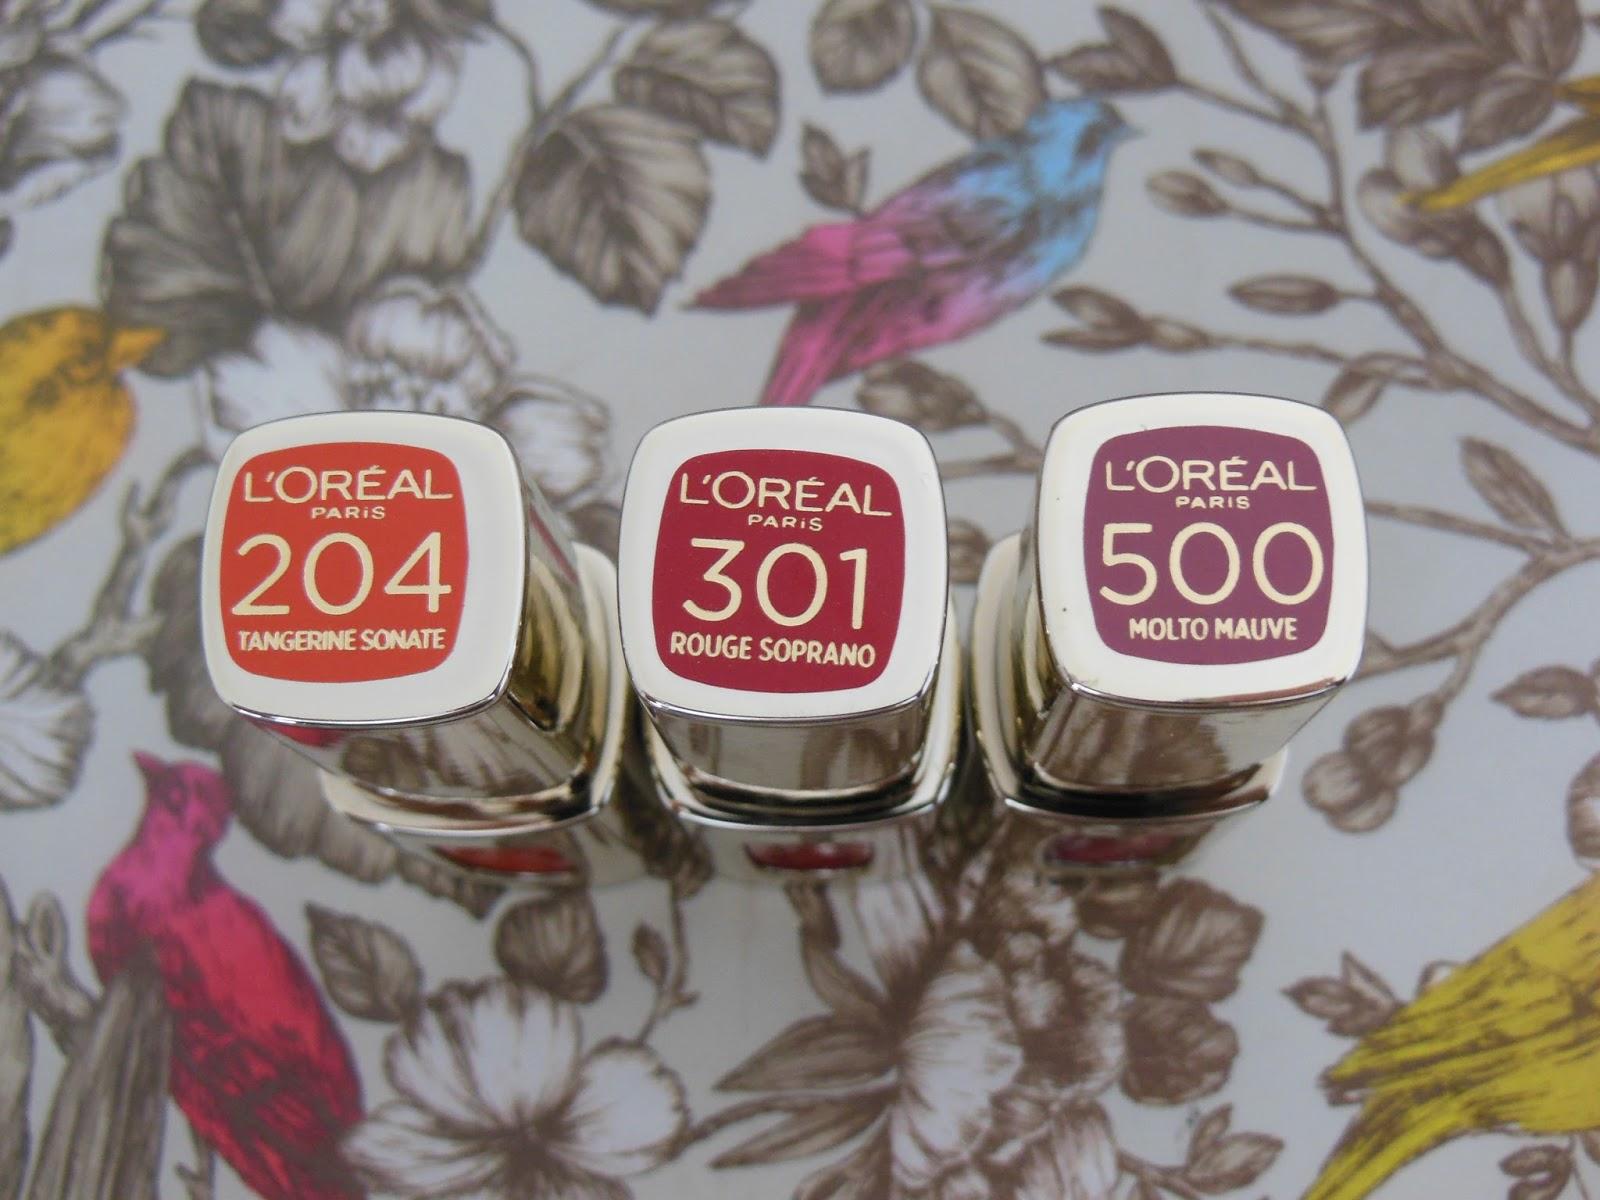 L'Oreal L'Extraordinaire liquid lipsticks